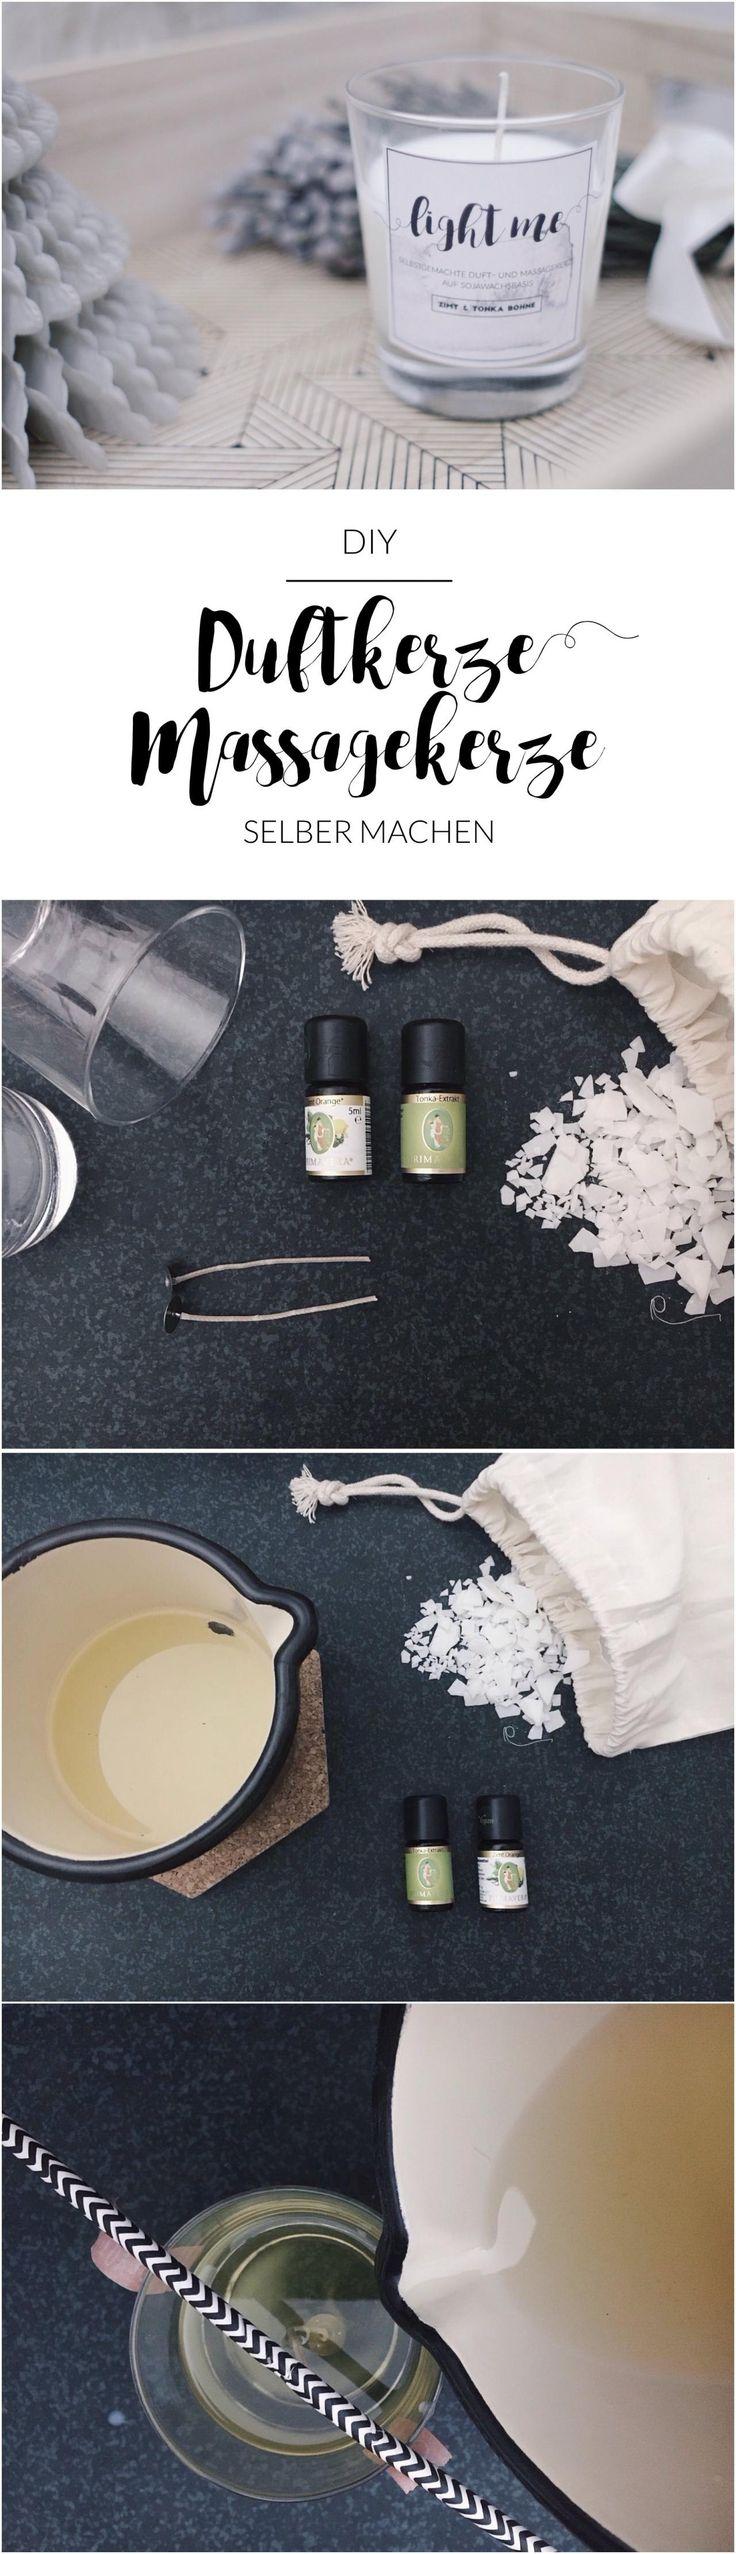 Duftkerze / Massagekerze selber machen | selbstgemacht | Geschenk | Weihnachtsgeschenk | einfach | Freebie